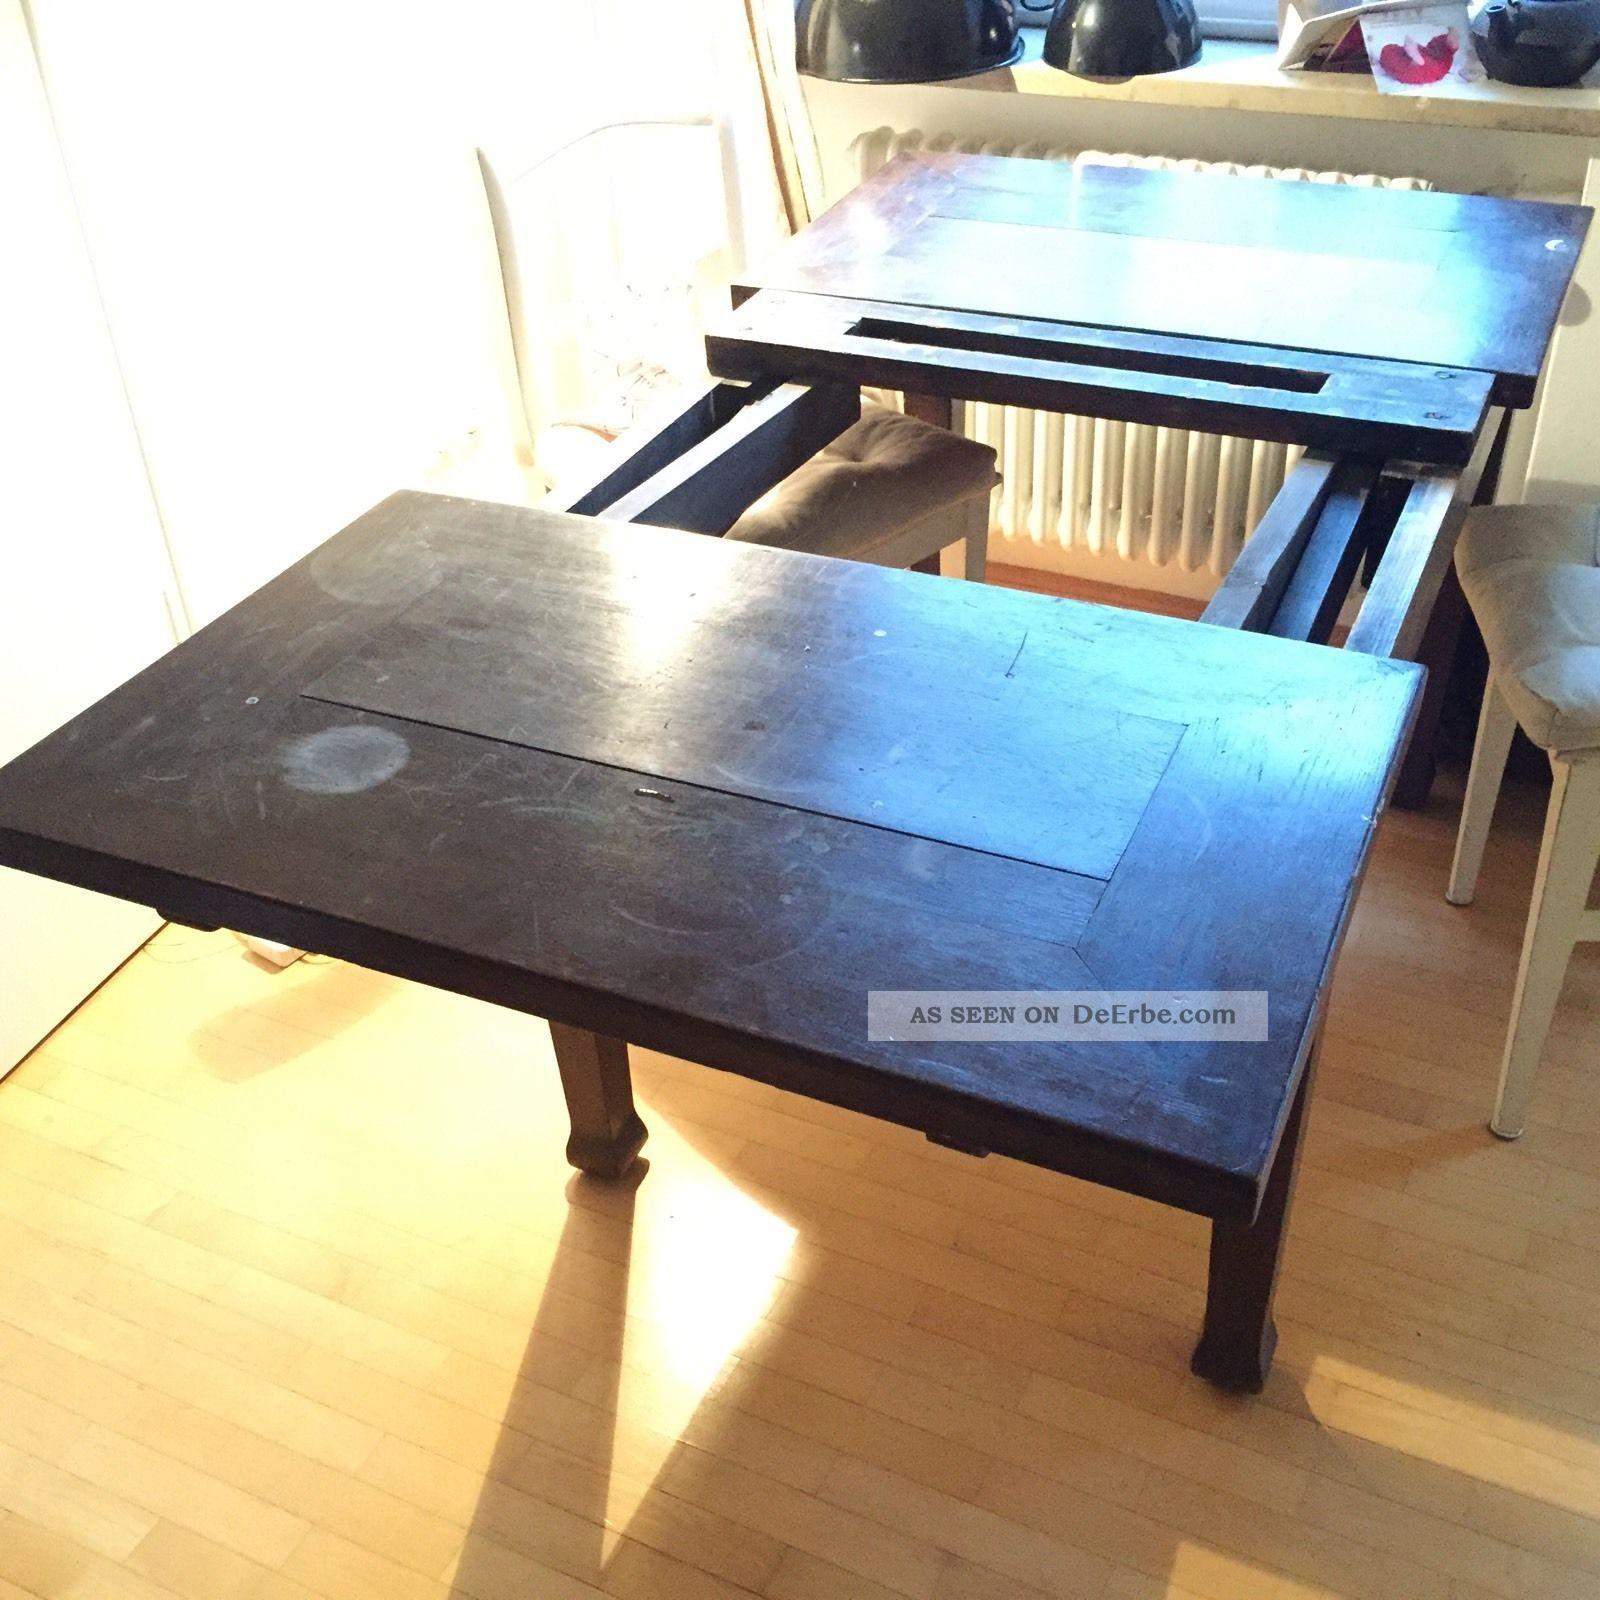 Tisch antik esstisch ausziehbar 110 x 80 cm for Esstisch 100 x 80 ausziehbar